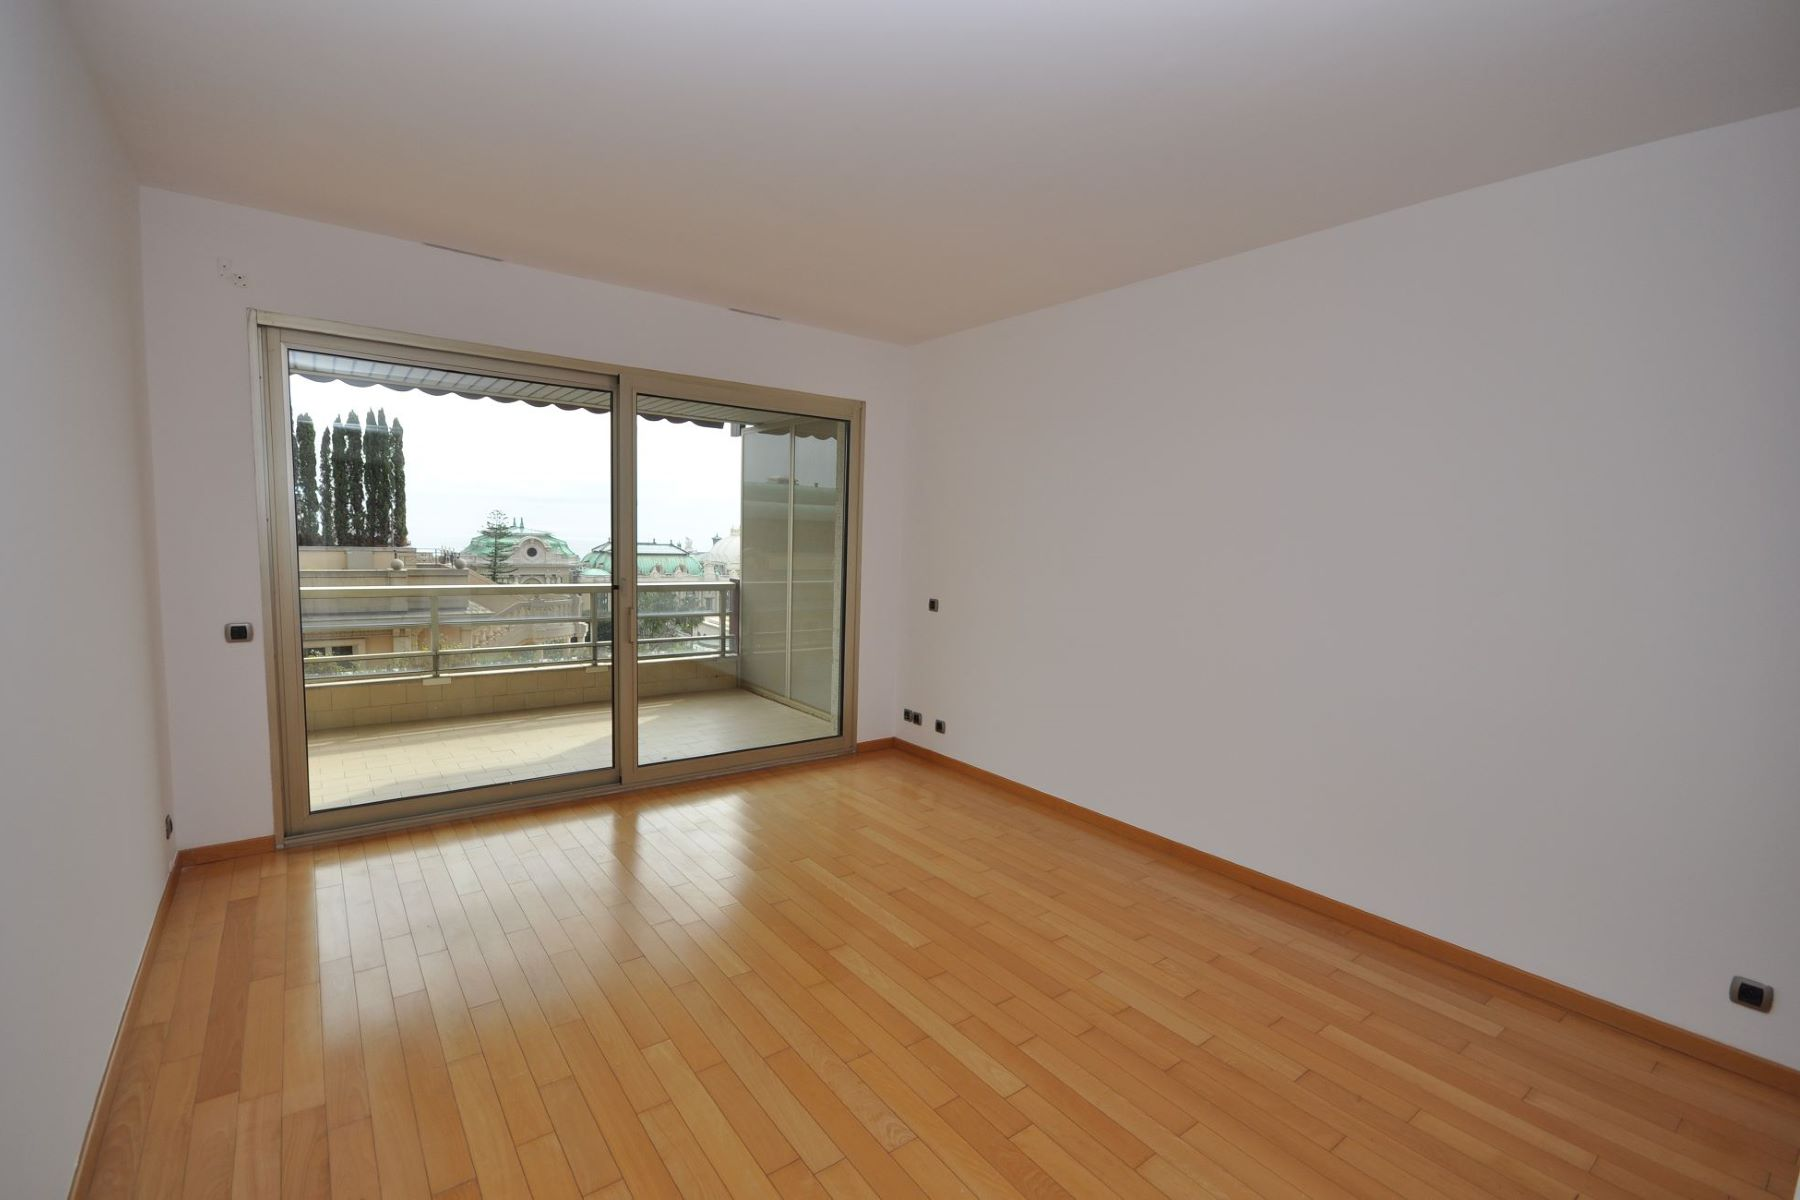 Appartement pour l à louer à Superb Studio to rent - Les Floralies, Carré d'Or. Les Floralies 5 Avenue de Grande Bretagne Monaco, La Condamine, 98000 Monaco